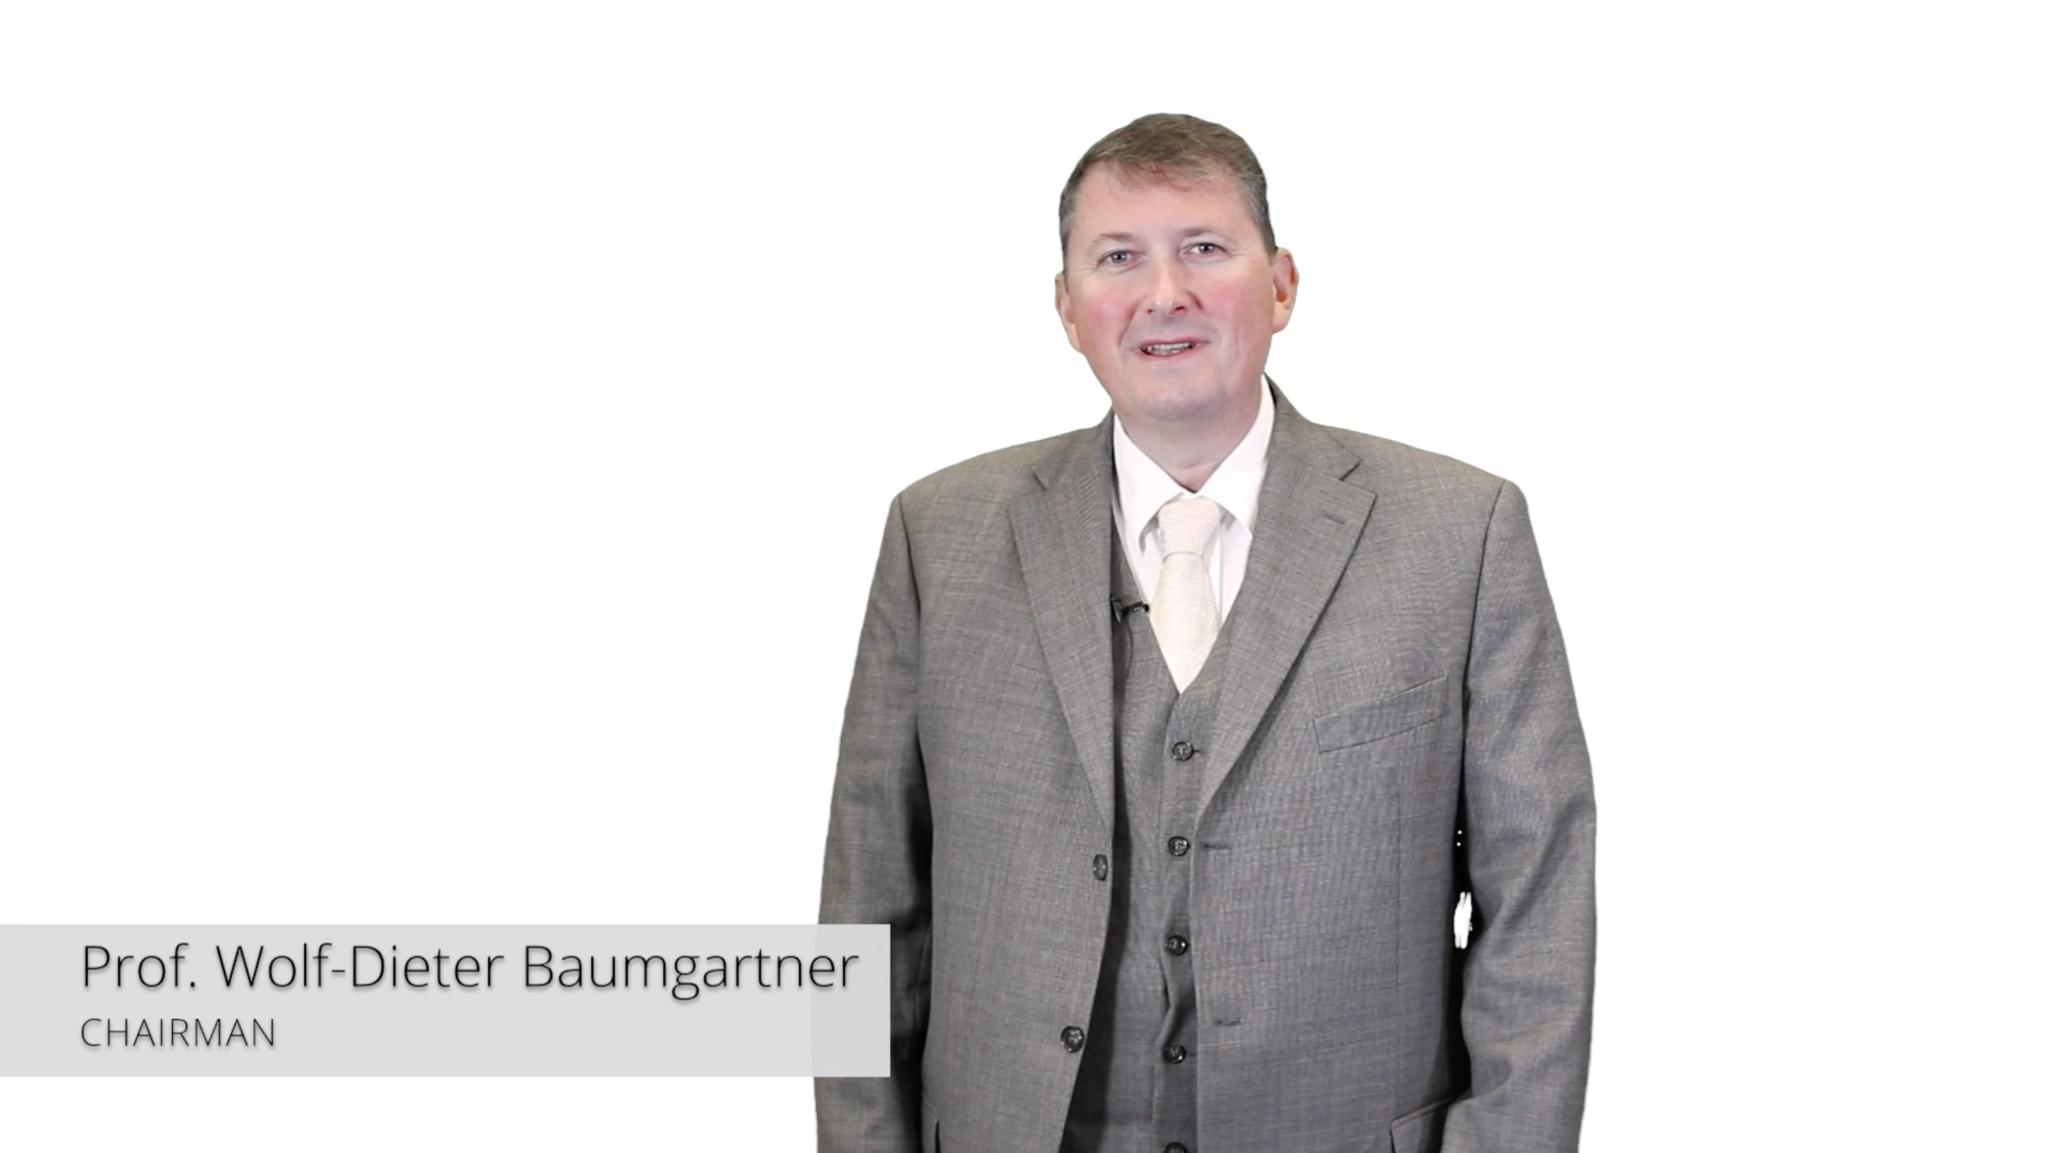 Prof. Baumgartner